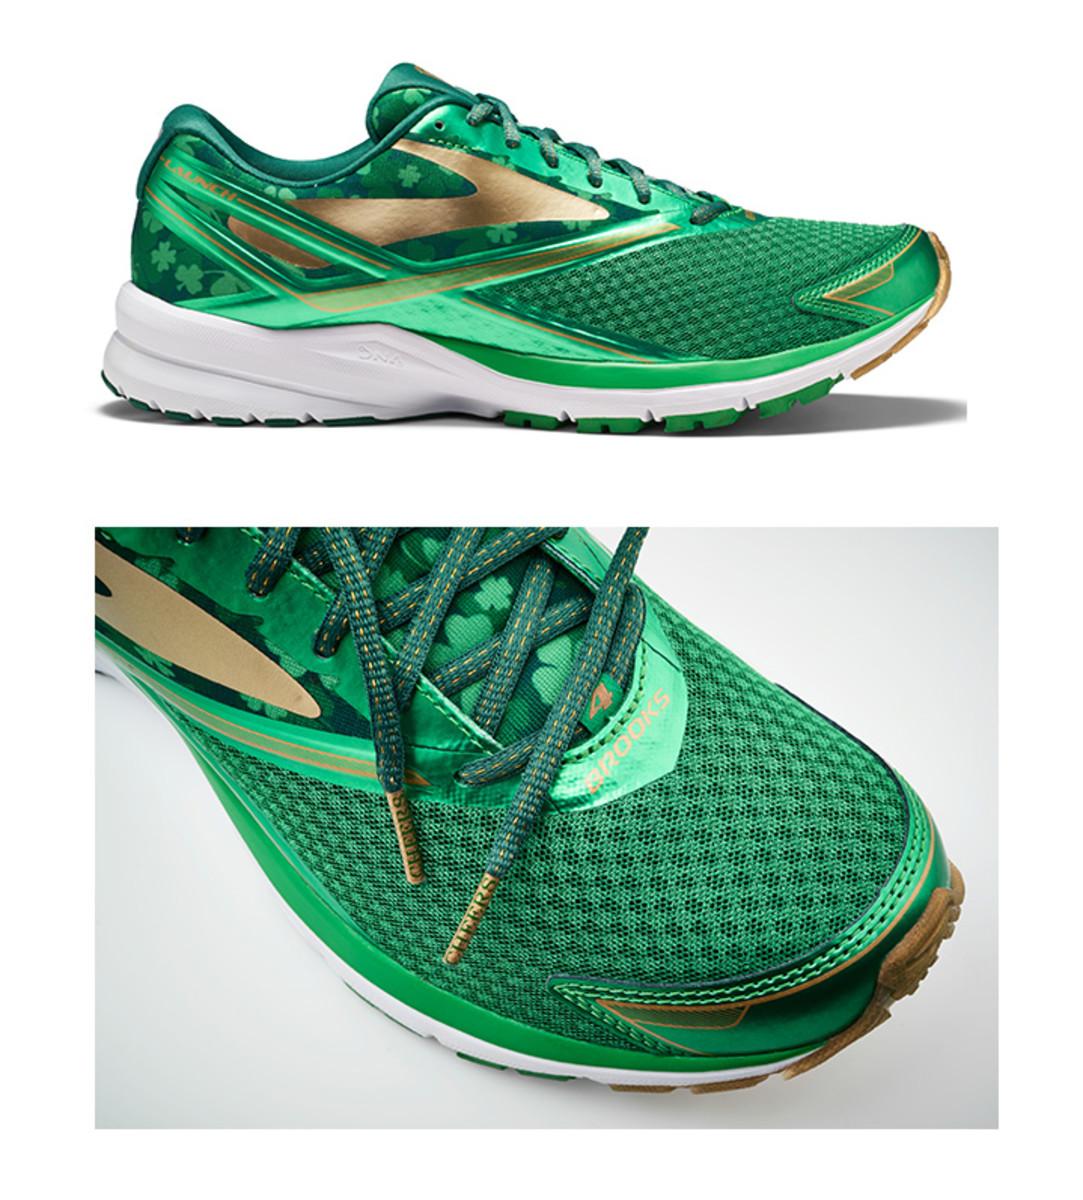 brooks-shamrock-sneakers.jpg